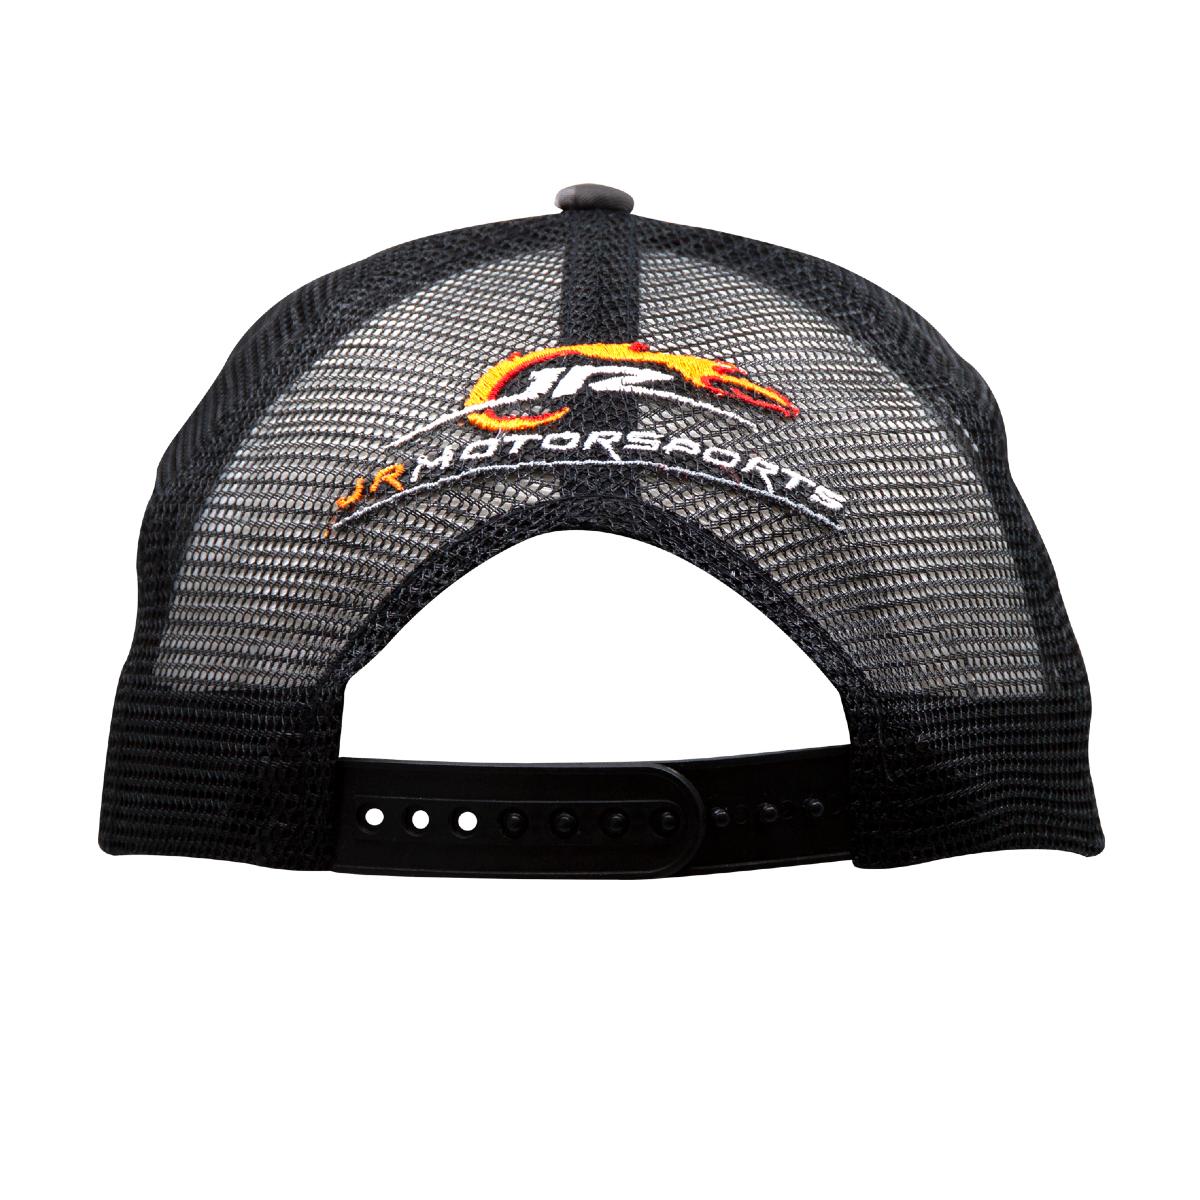 Noah Gragson No. 9 Viper Camo Mesh Hat